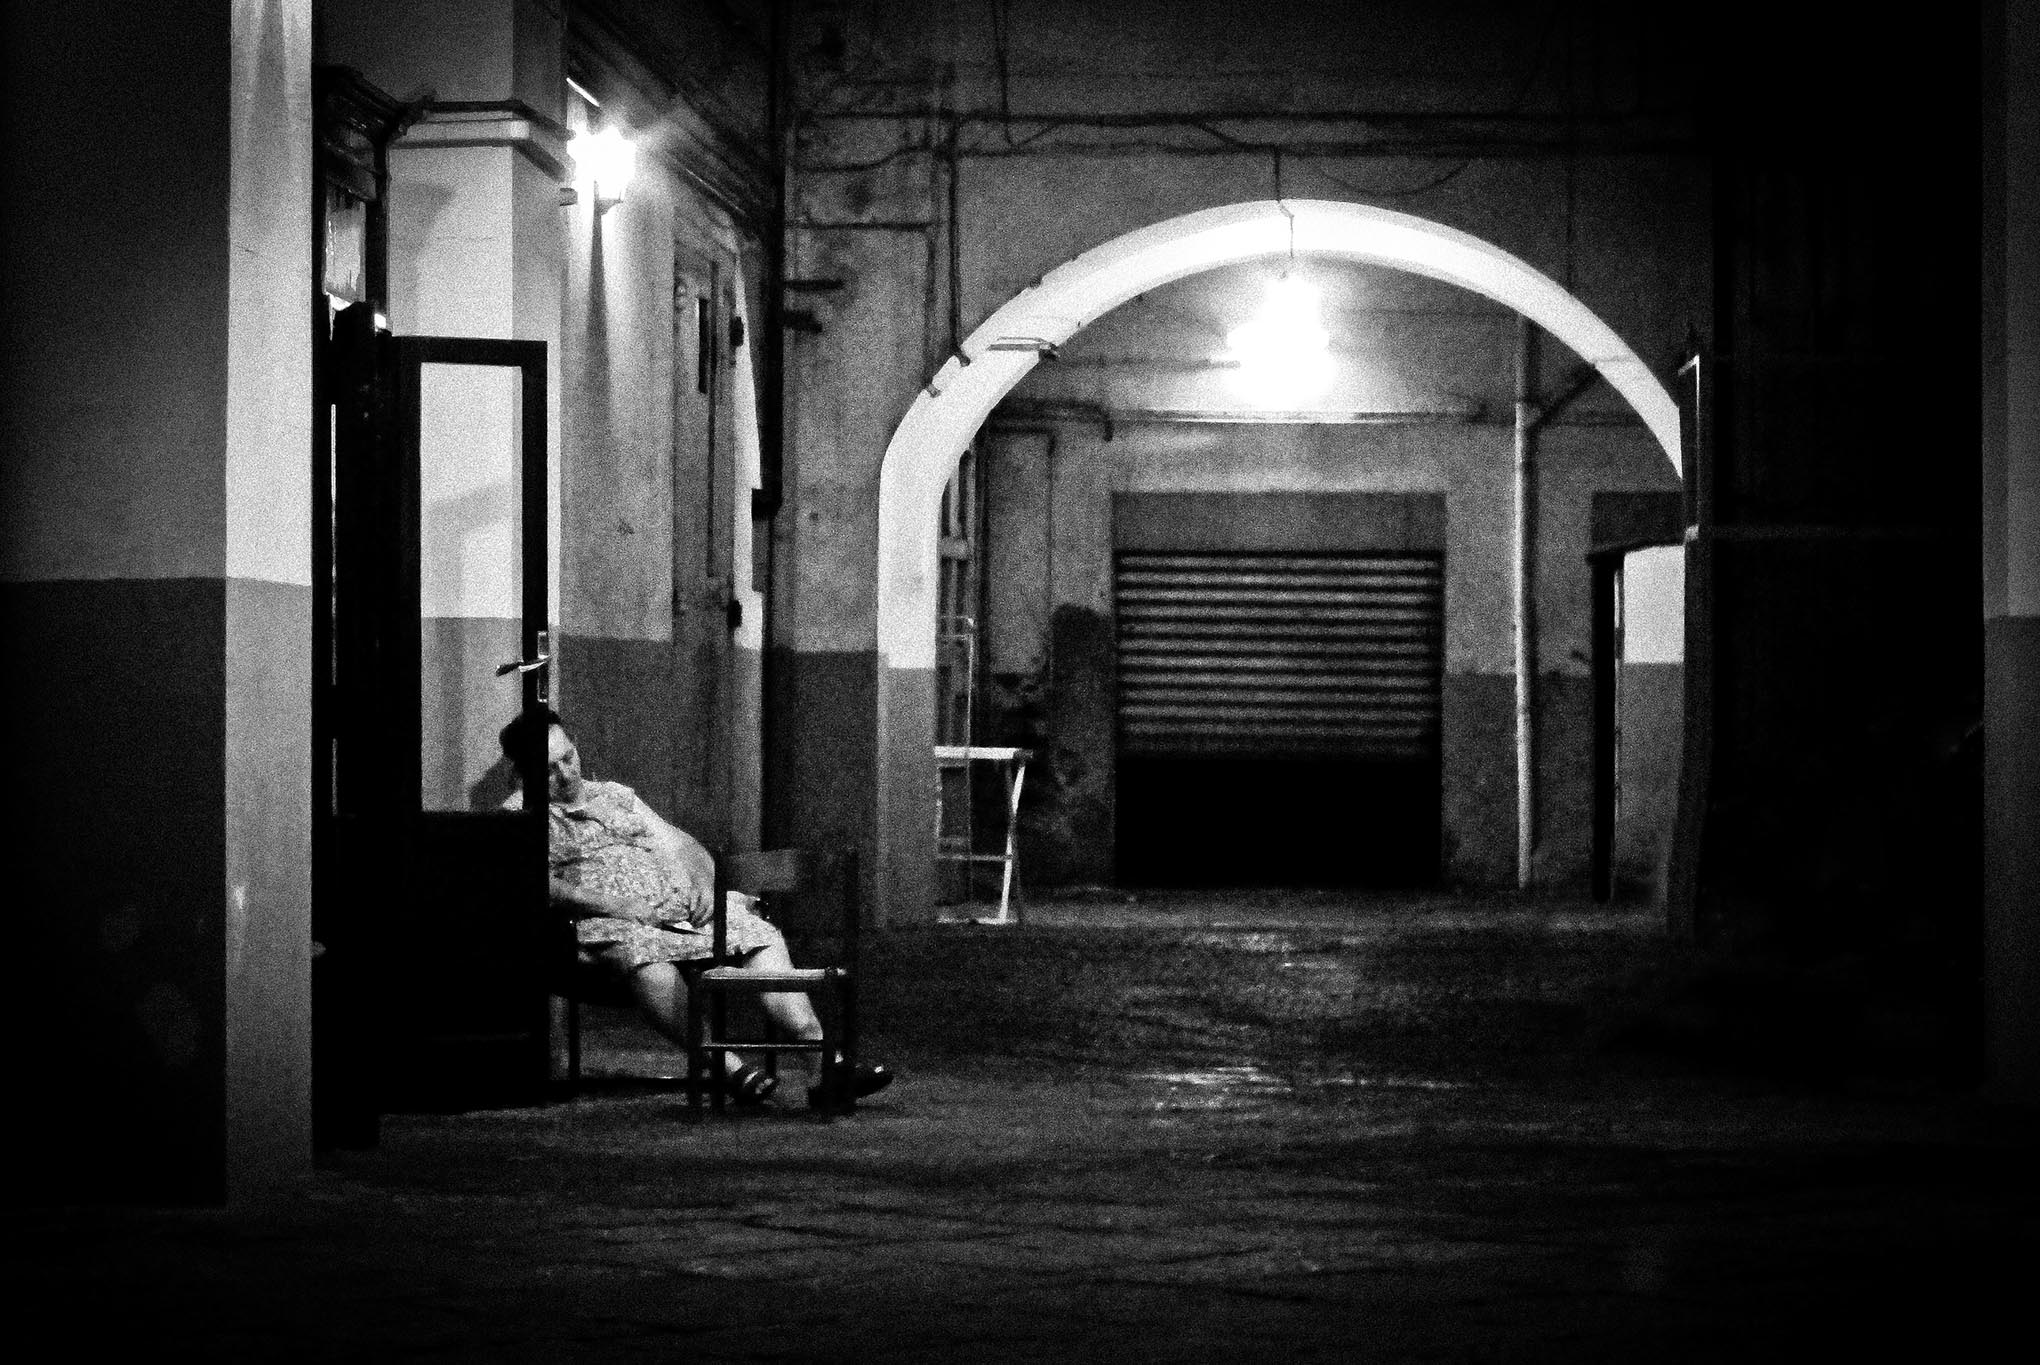 Een vrouw slaapt 's avonds op een stoel in een achterbuurt in Napels.